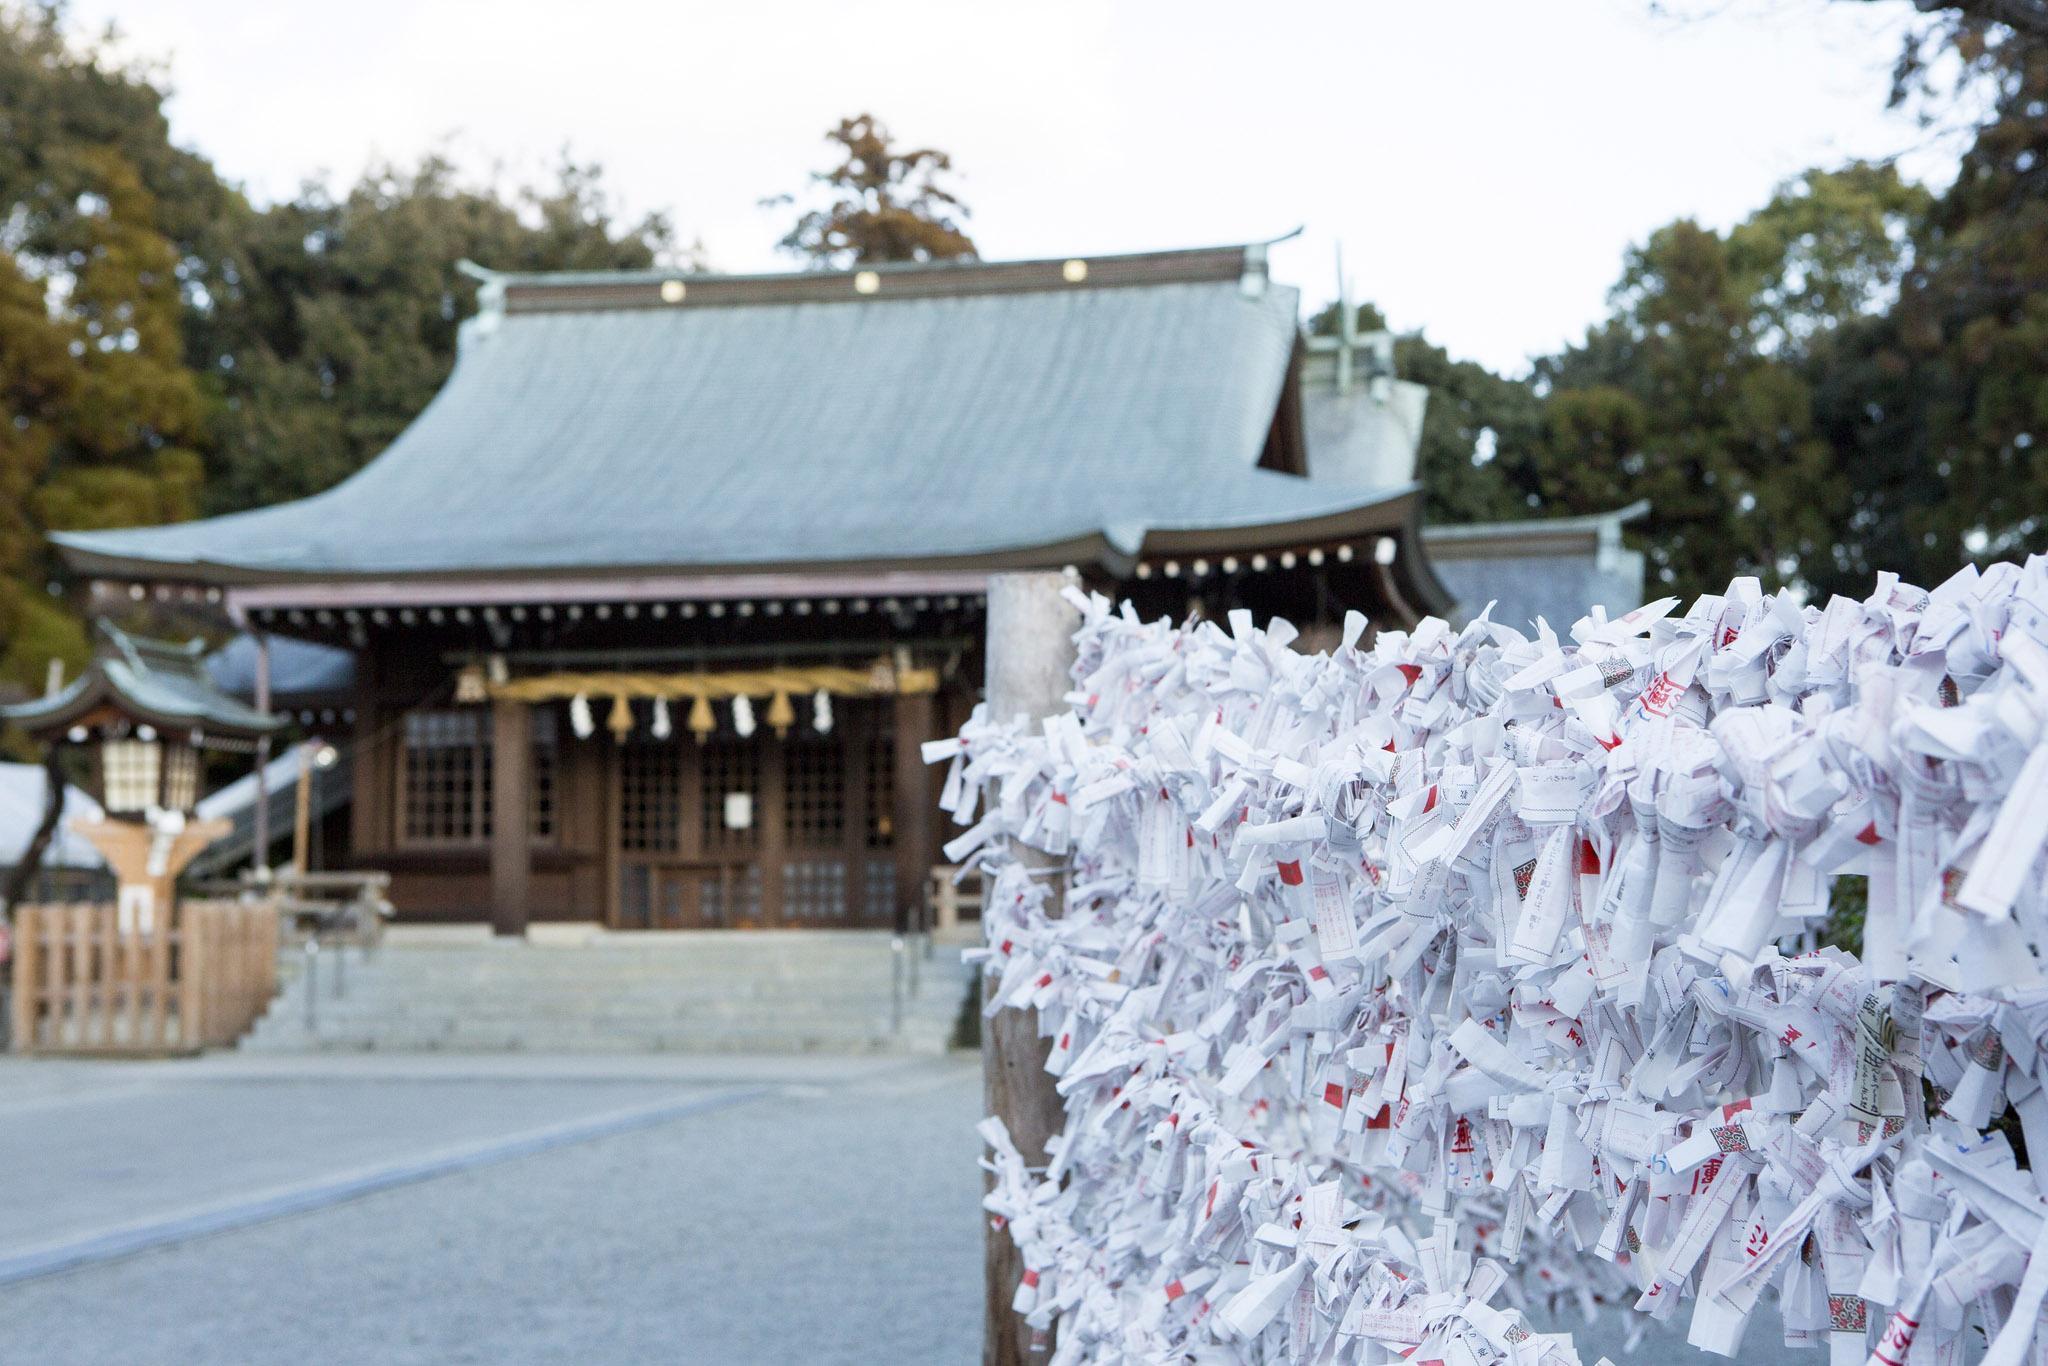 健軍神社の初詣は大盛況!ご利益は?周辺の話題ランチ・穴場カフェも紹介